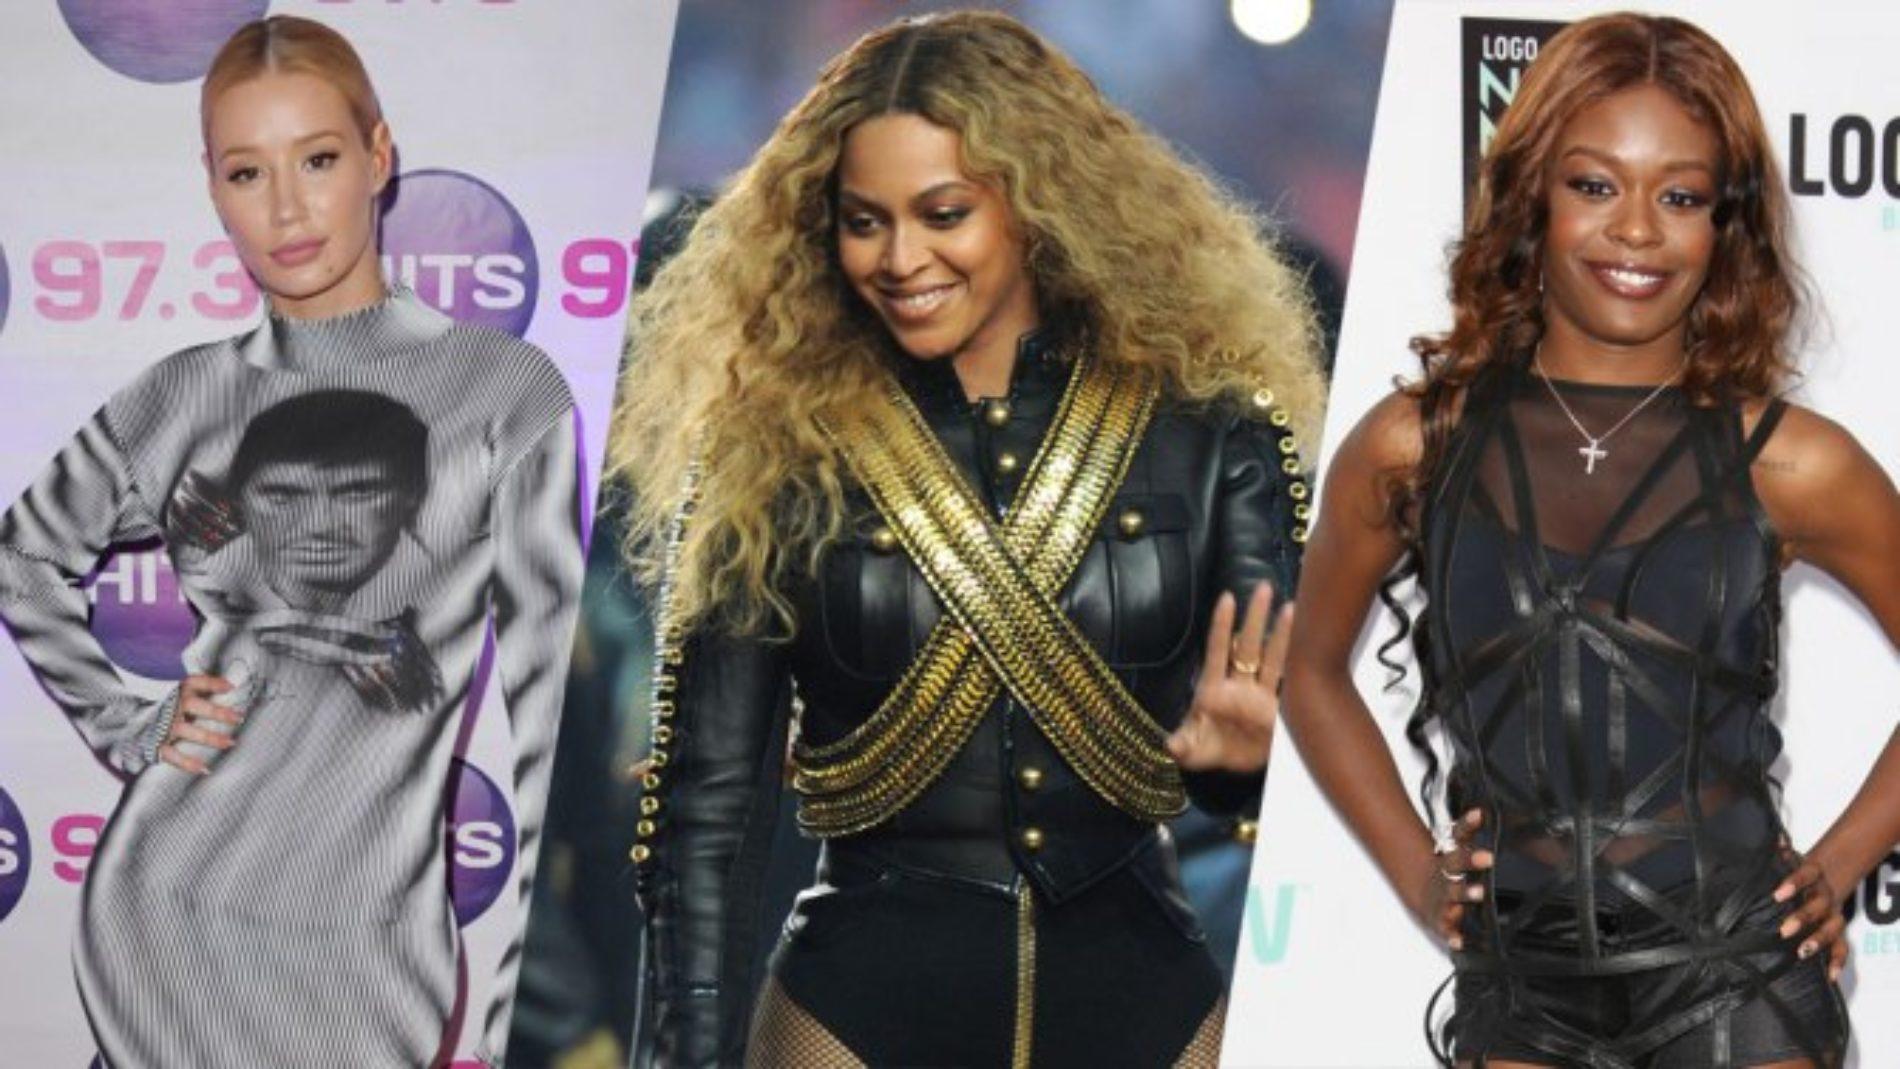 Azealia Banks, Iggy Azalea puts Beyoncé on blast over 'Lemonade'